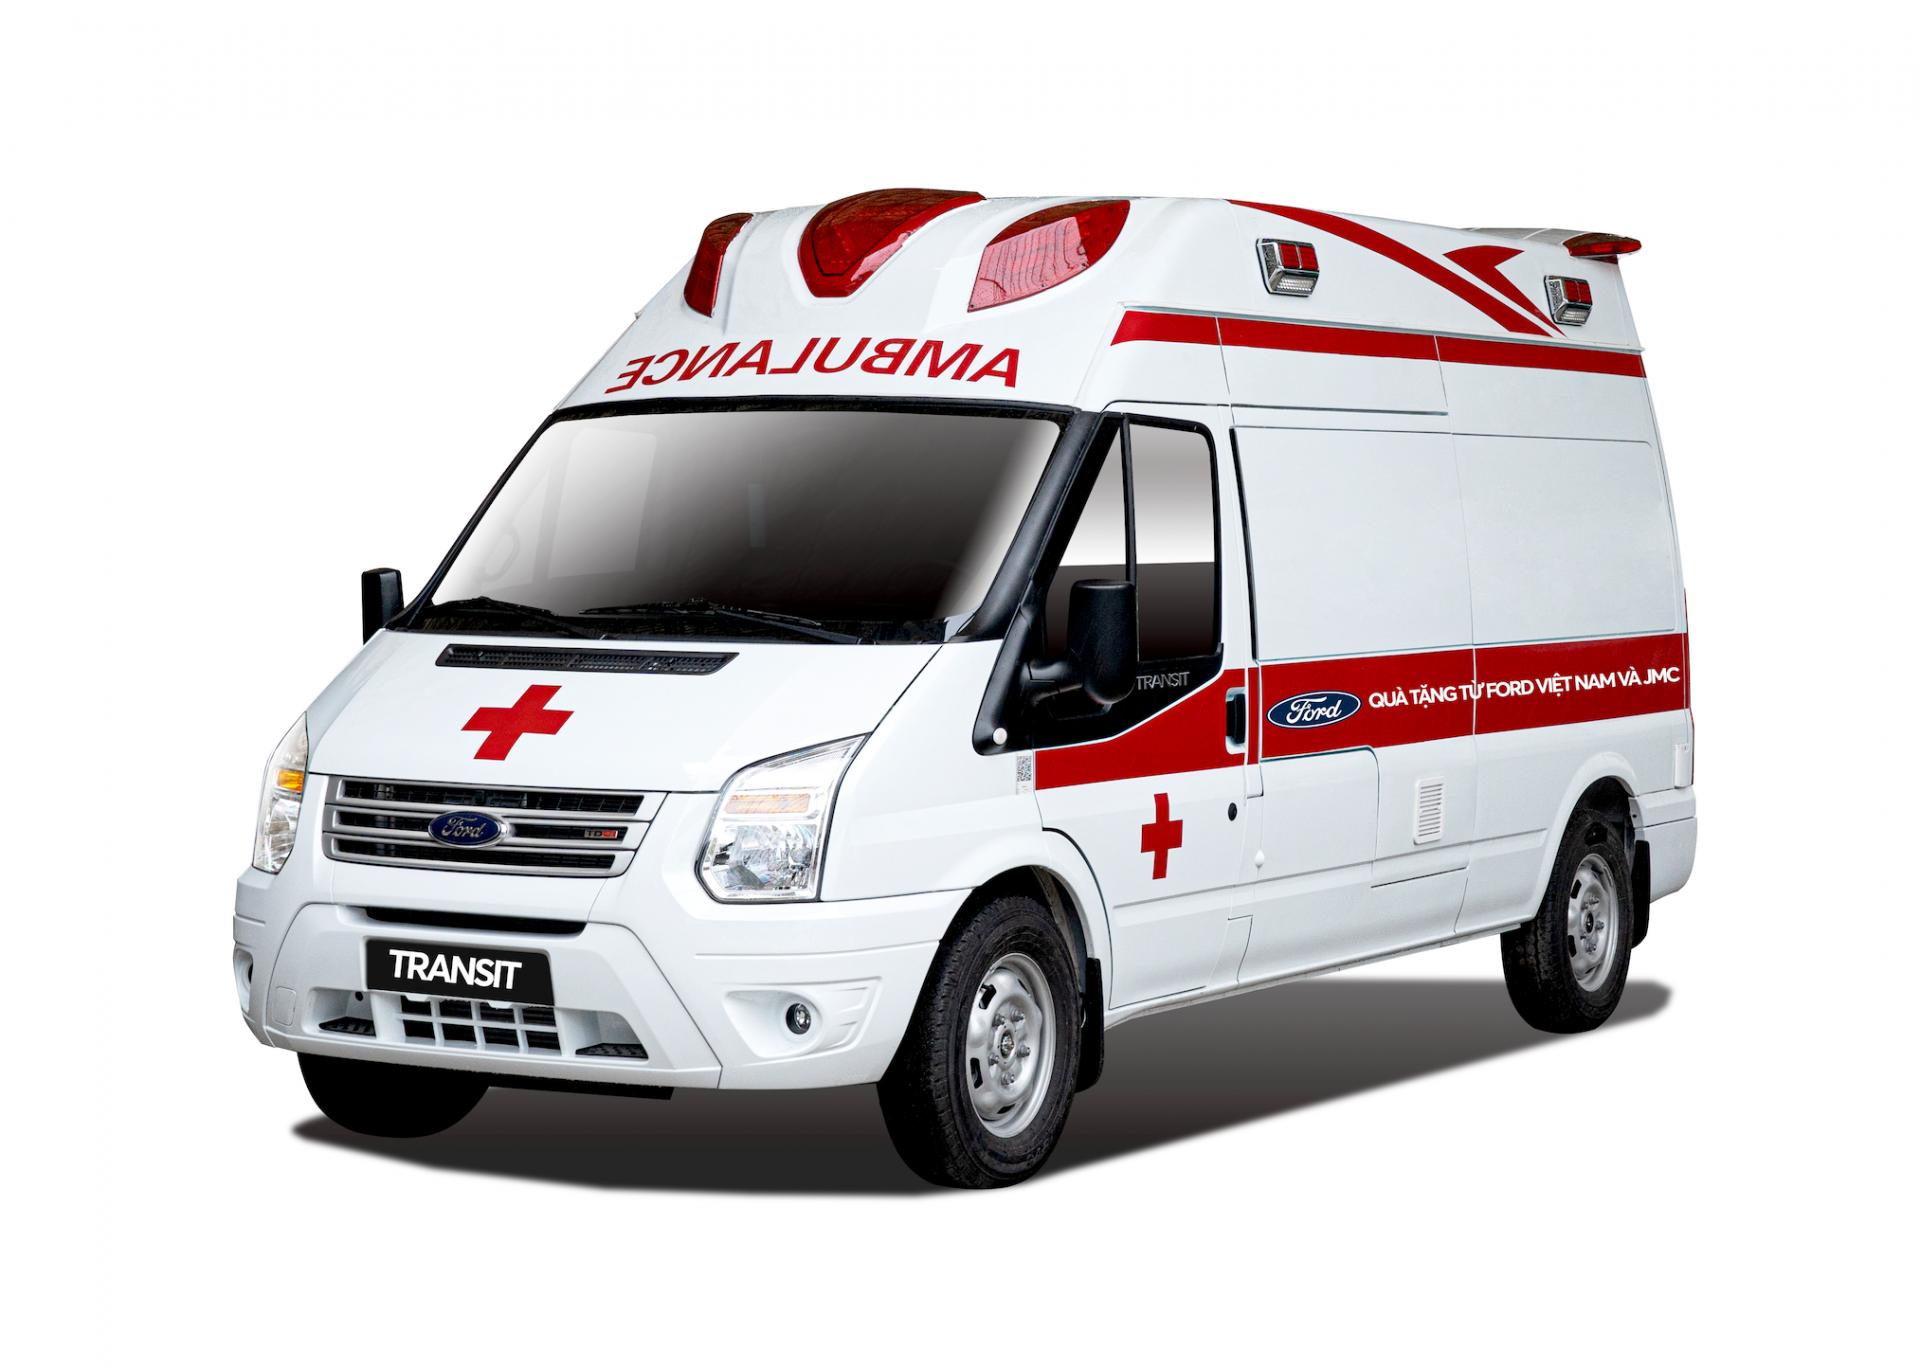 Ford tặng xe Transit cứu thương áp lực âm cho Bệnh Viện Nhiệt Đới Trung Ương